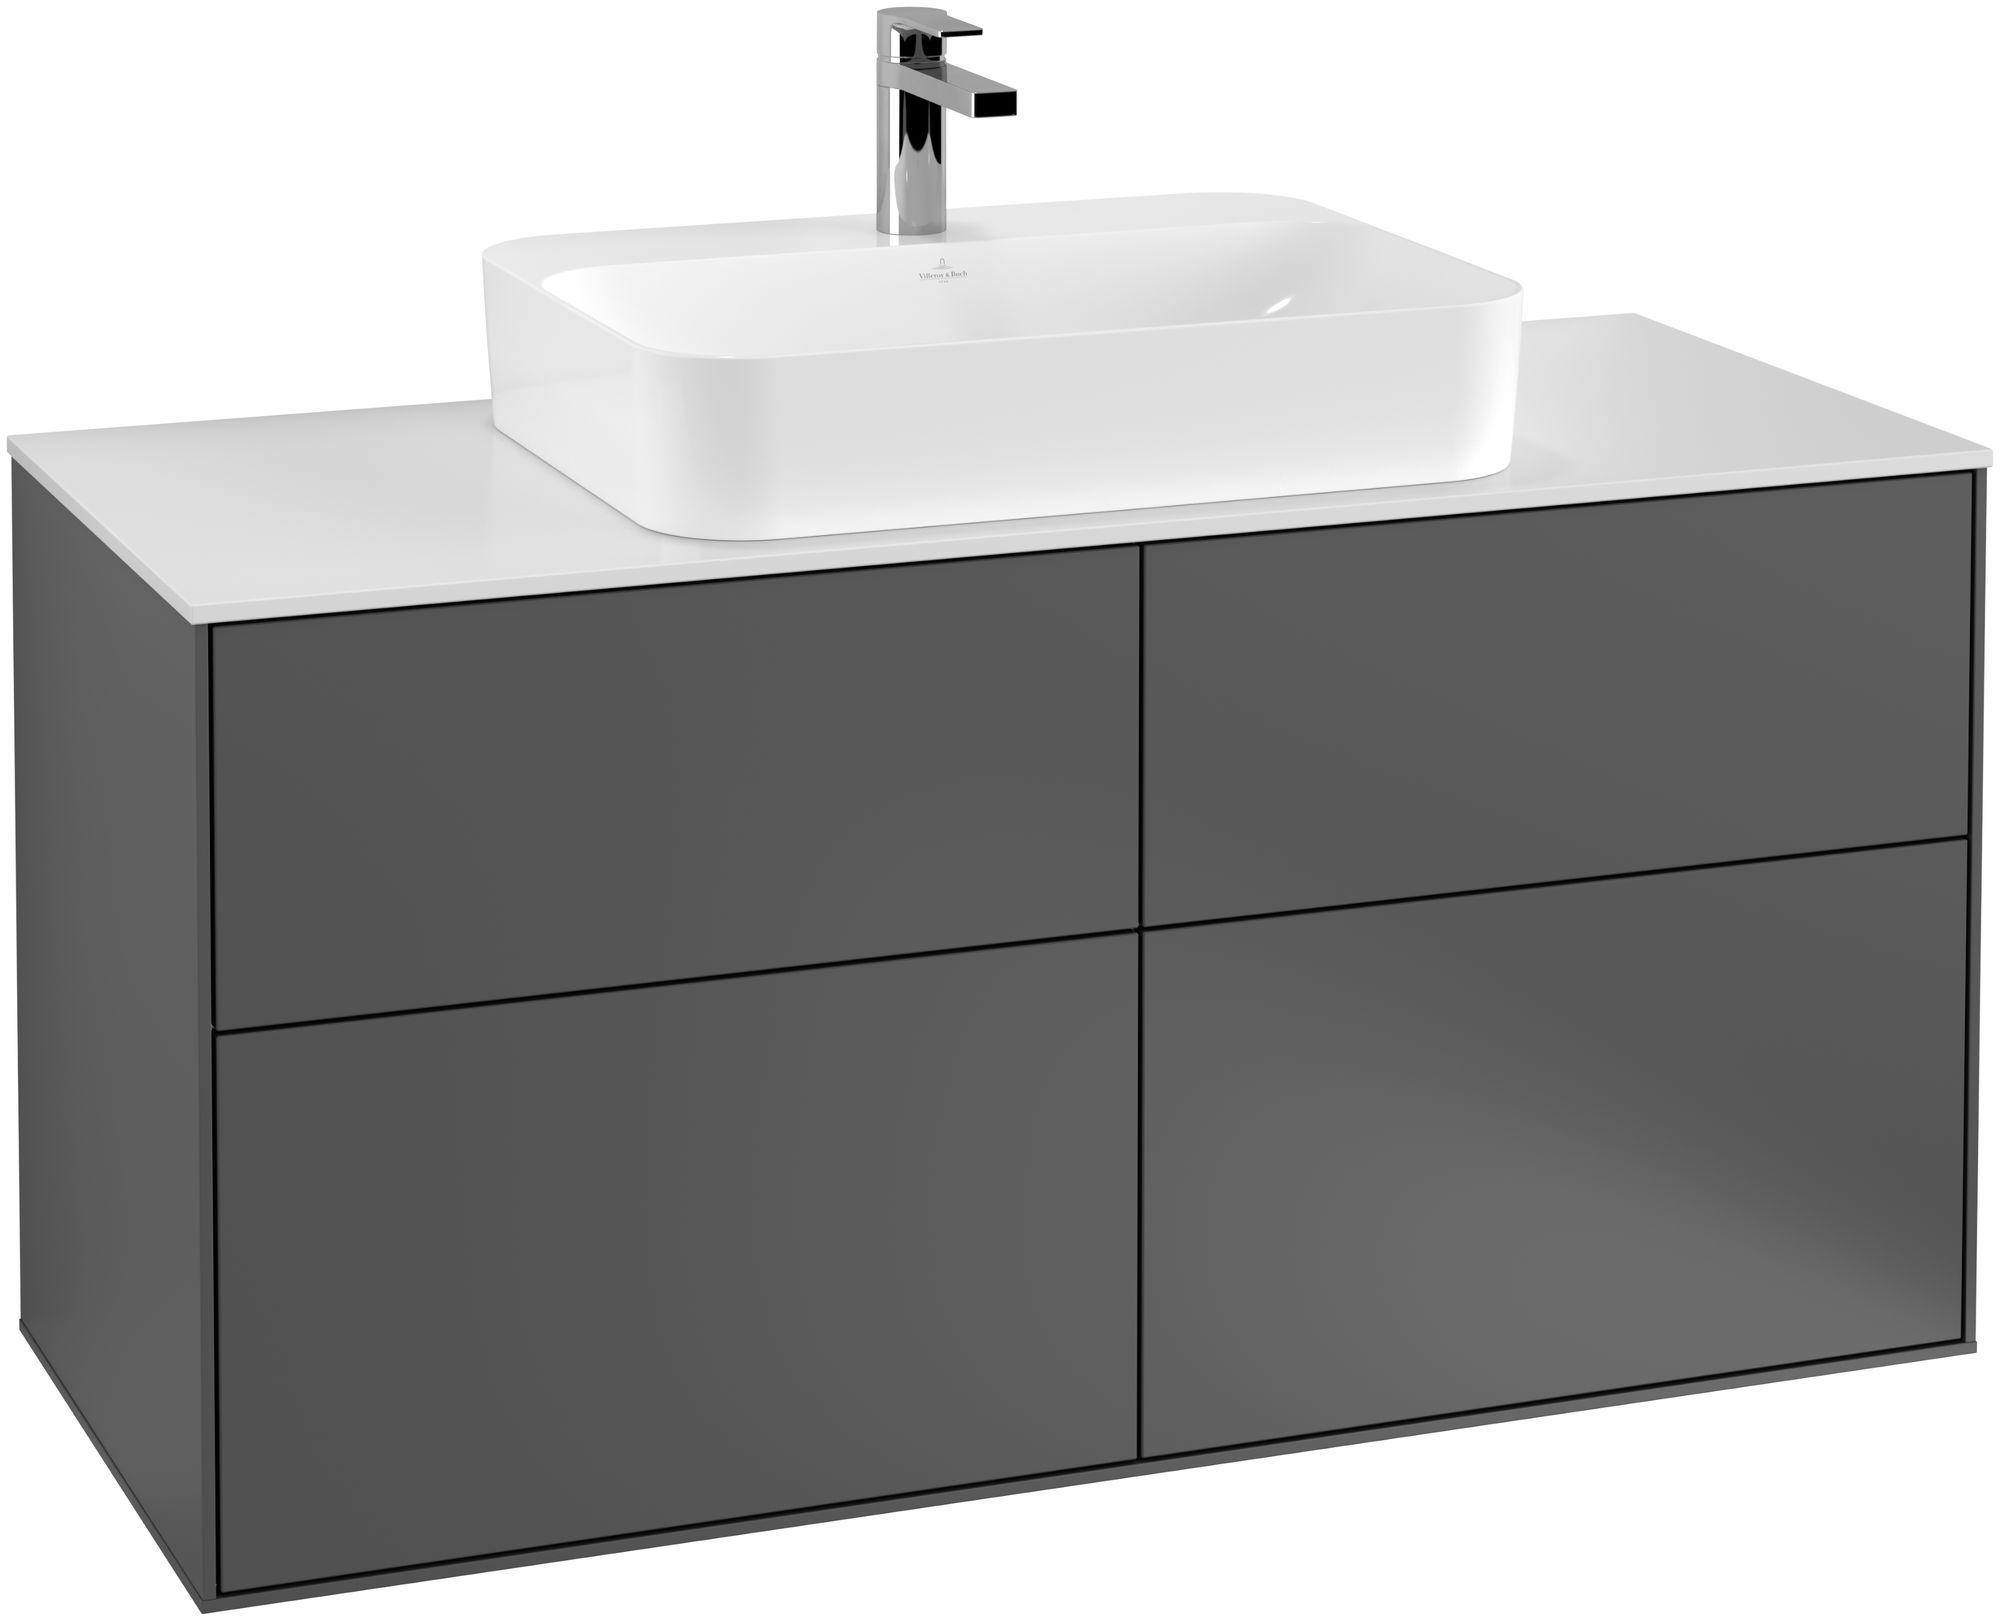 Villeroy & Boch Finion G38 Waschtischunterschrank 4 Auszüge Waschtisch mittig LED-Beleuchtung B:120xH:60,3xT:50,1cm Front, Korpus: Anthracite Matt, Glasplatte: White Matt G38100GK